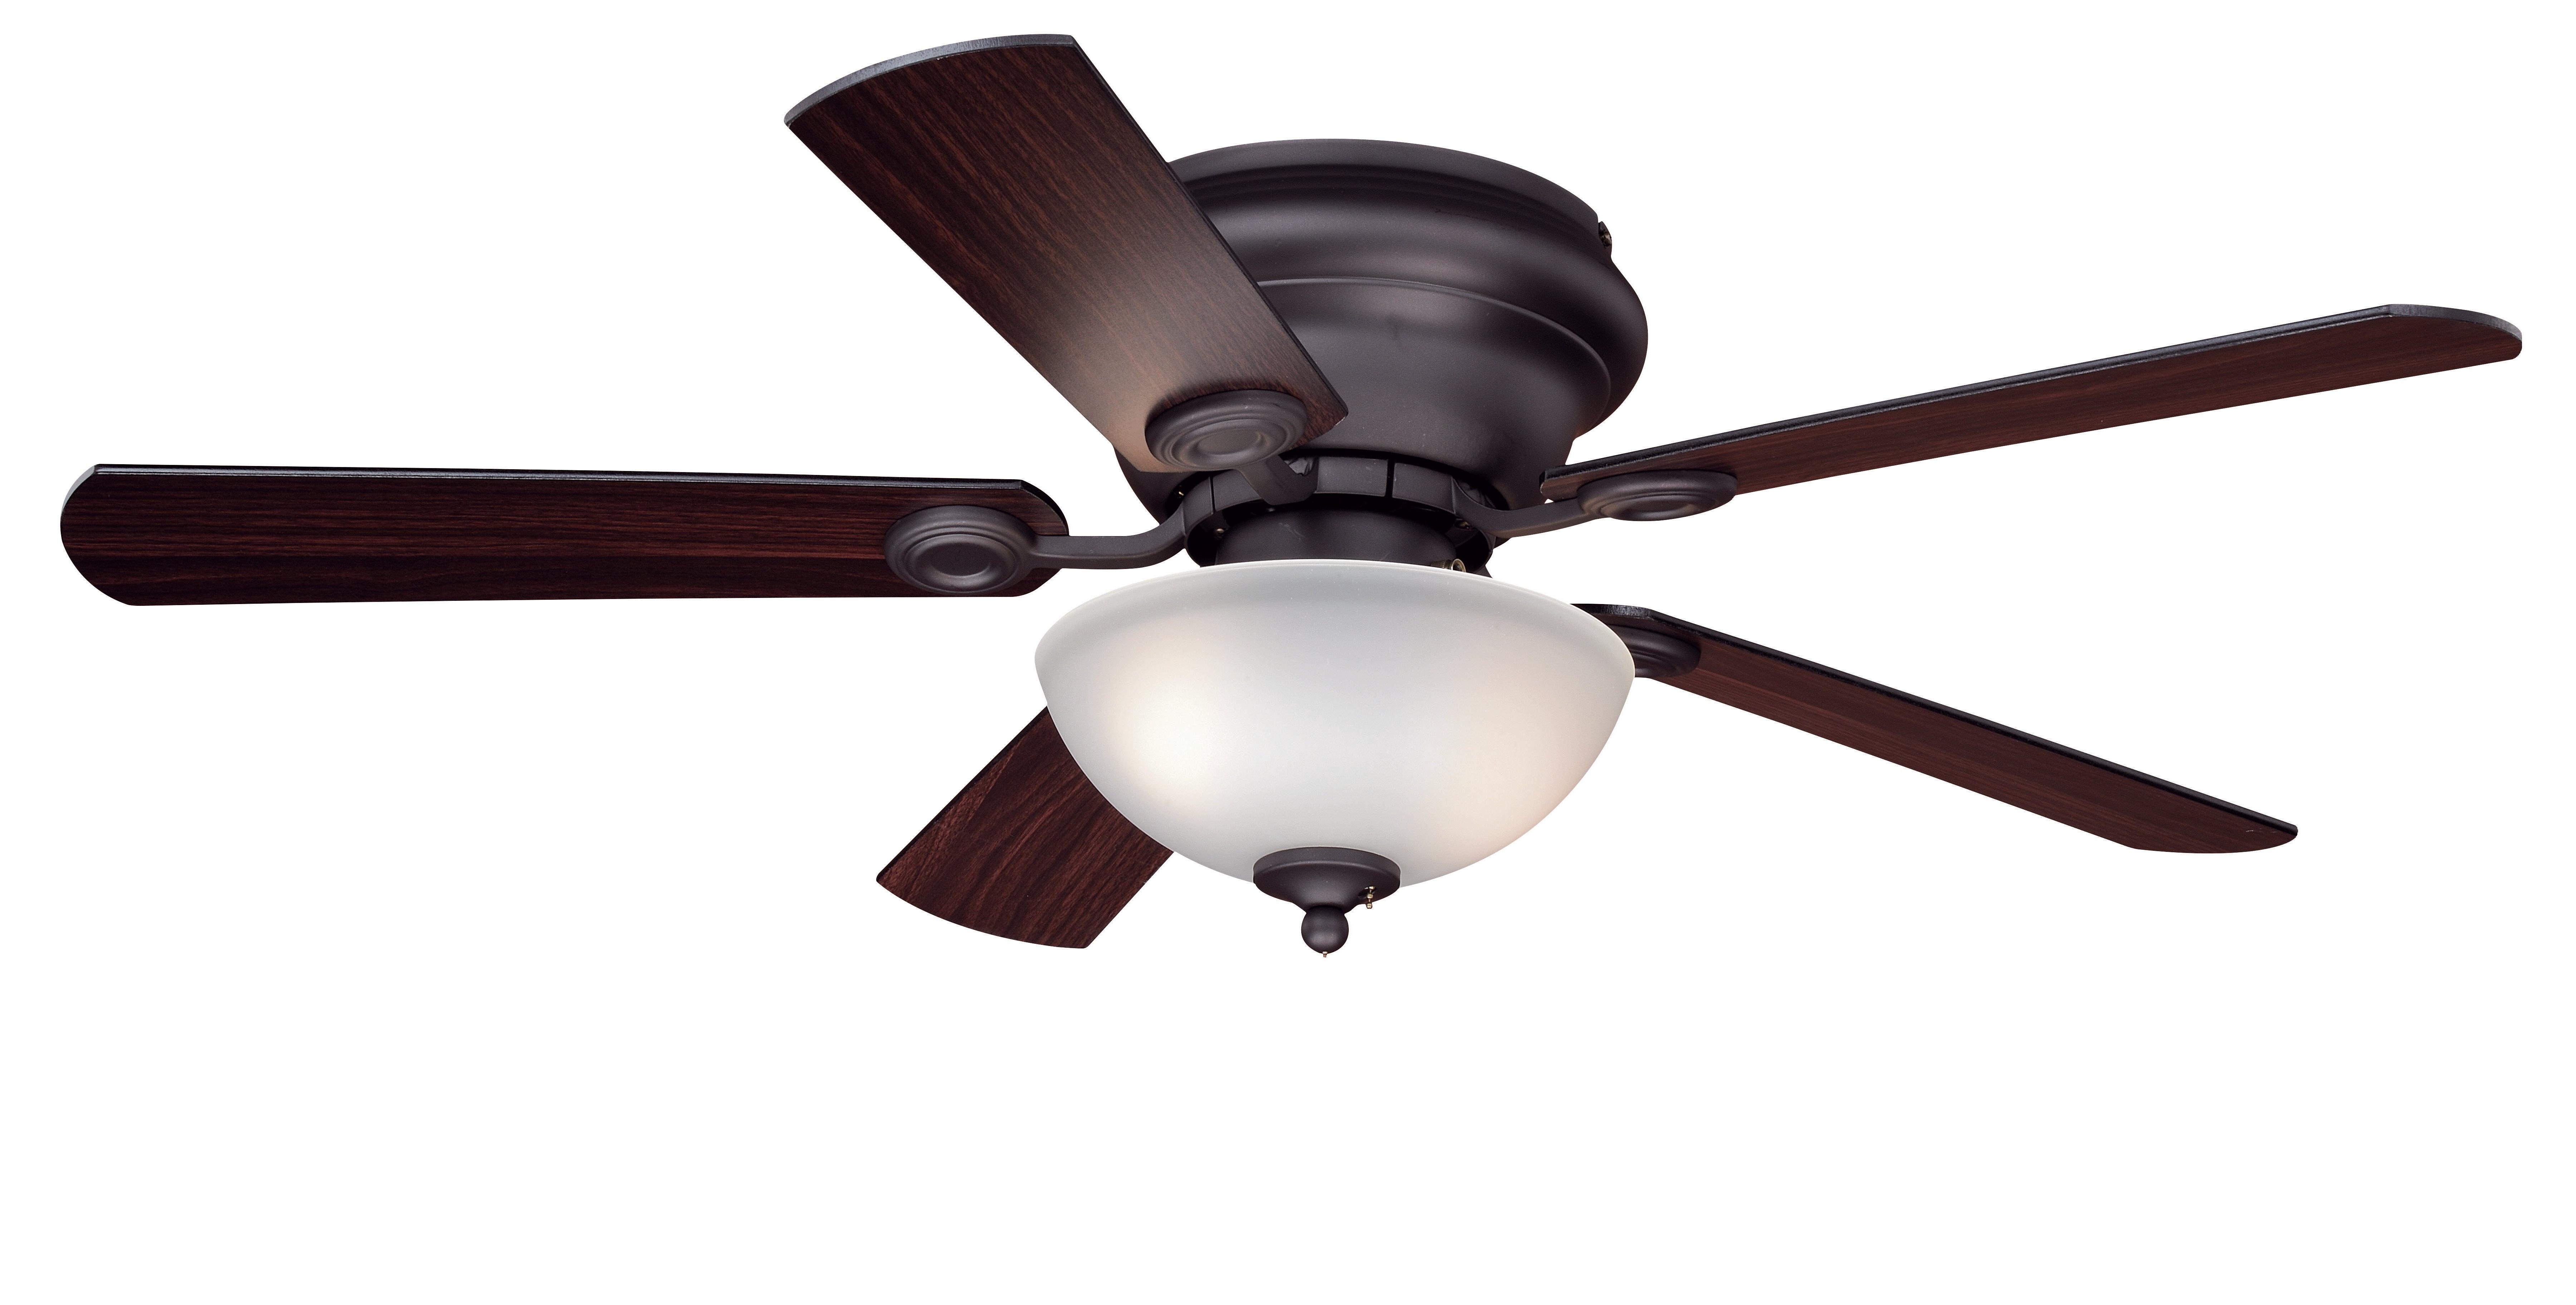 """42"""" Rametta 5 Blade Ceiling Fan, Light Kit Included Regarding Latest Eliora 5 Blade Ceiling Fans (View 1 of 20)"""